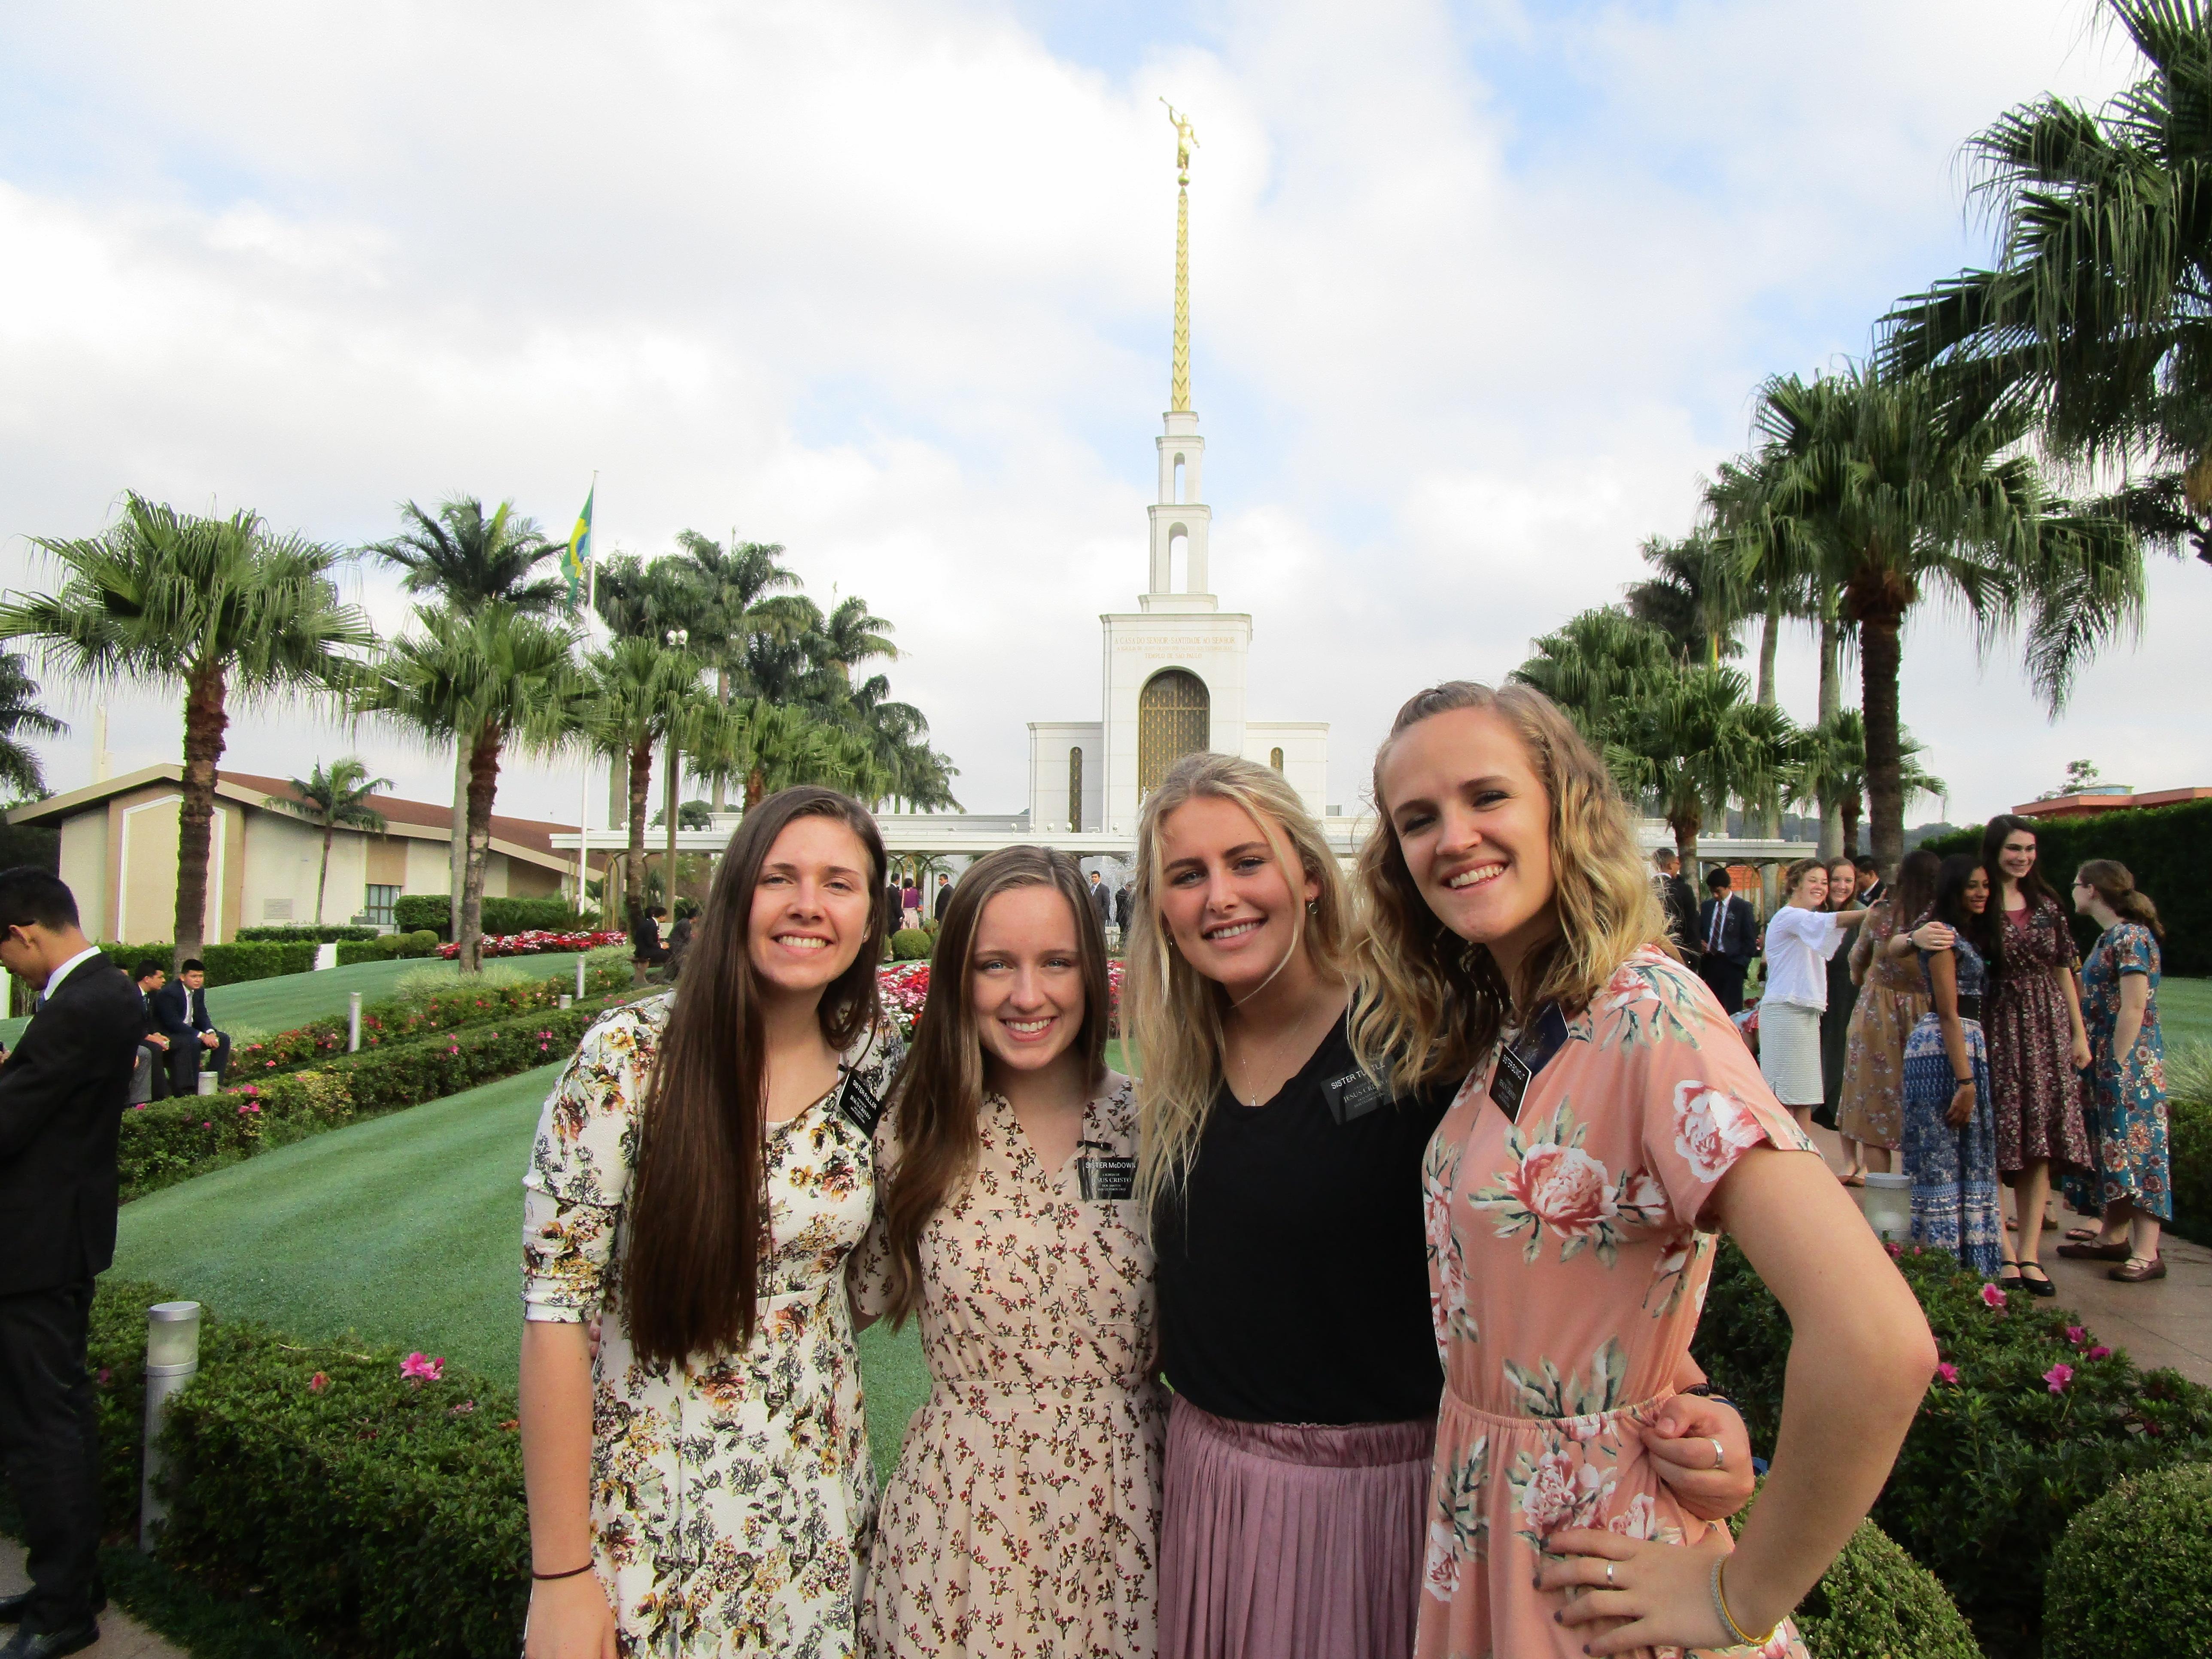 Monique McDown com companheiras de missão em frente ao Templo de São Paulo Brasil.